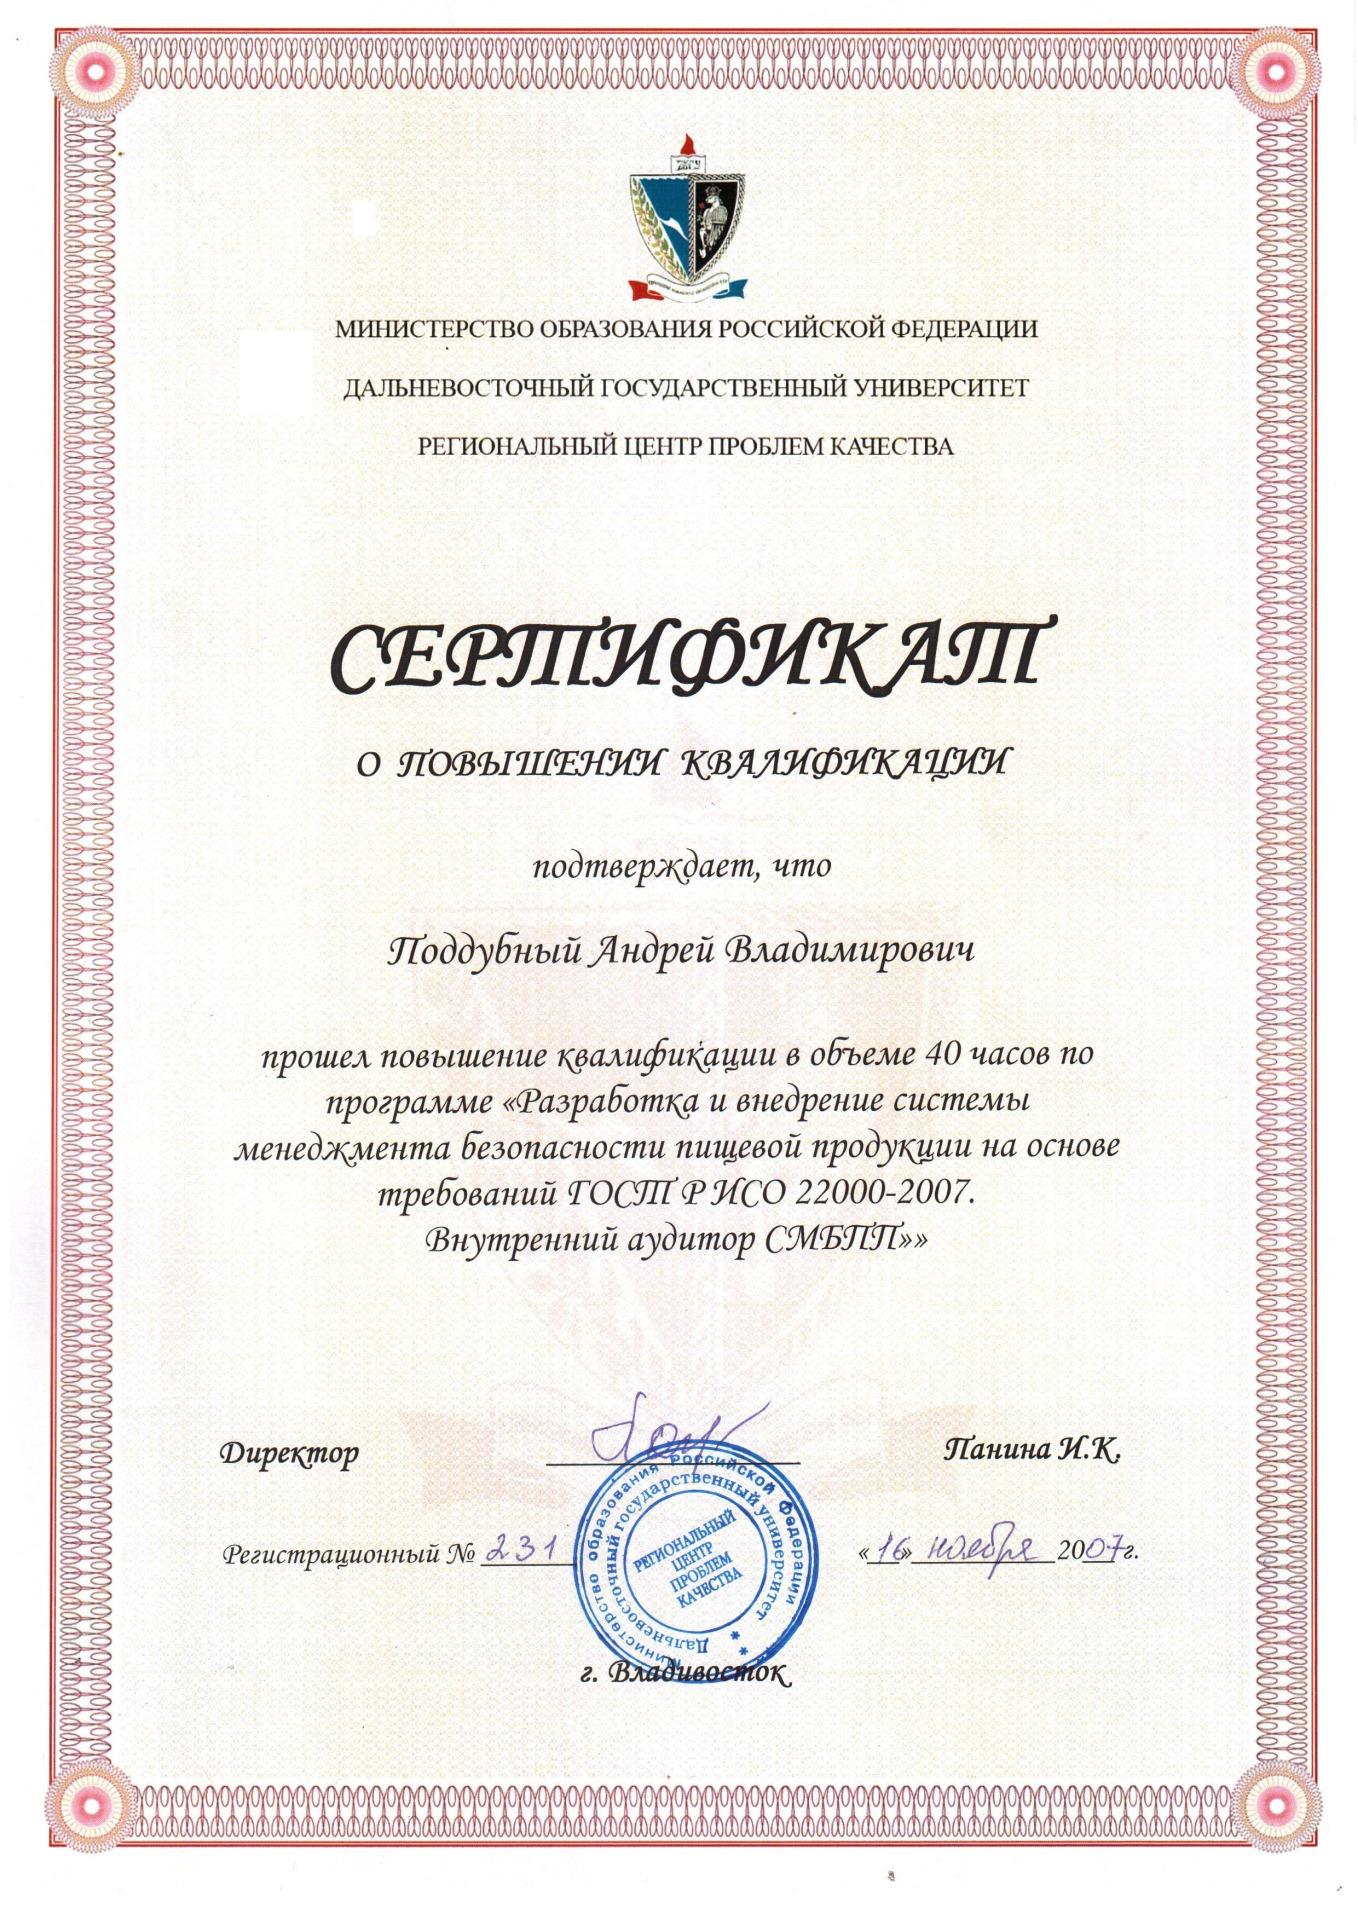 Сертификат аудитора СМБПП